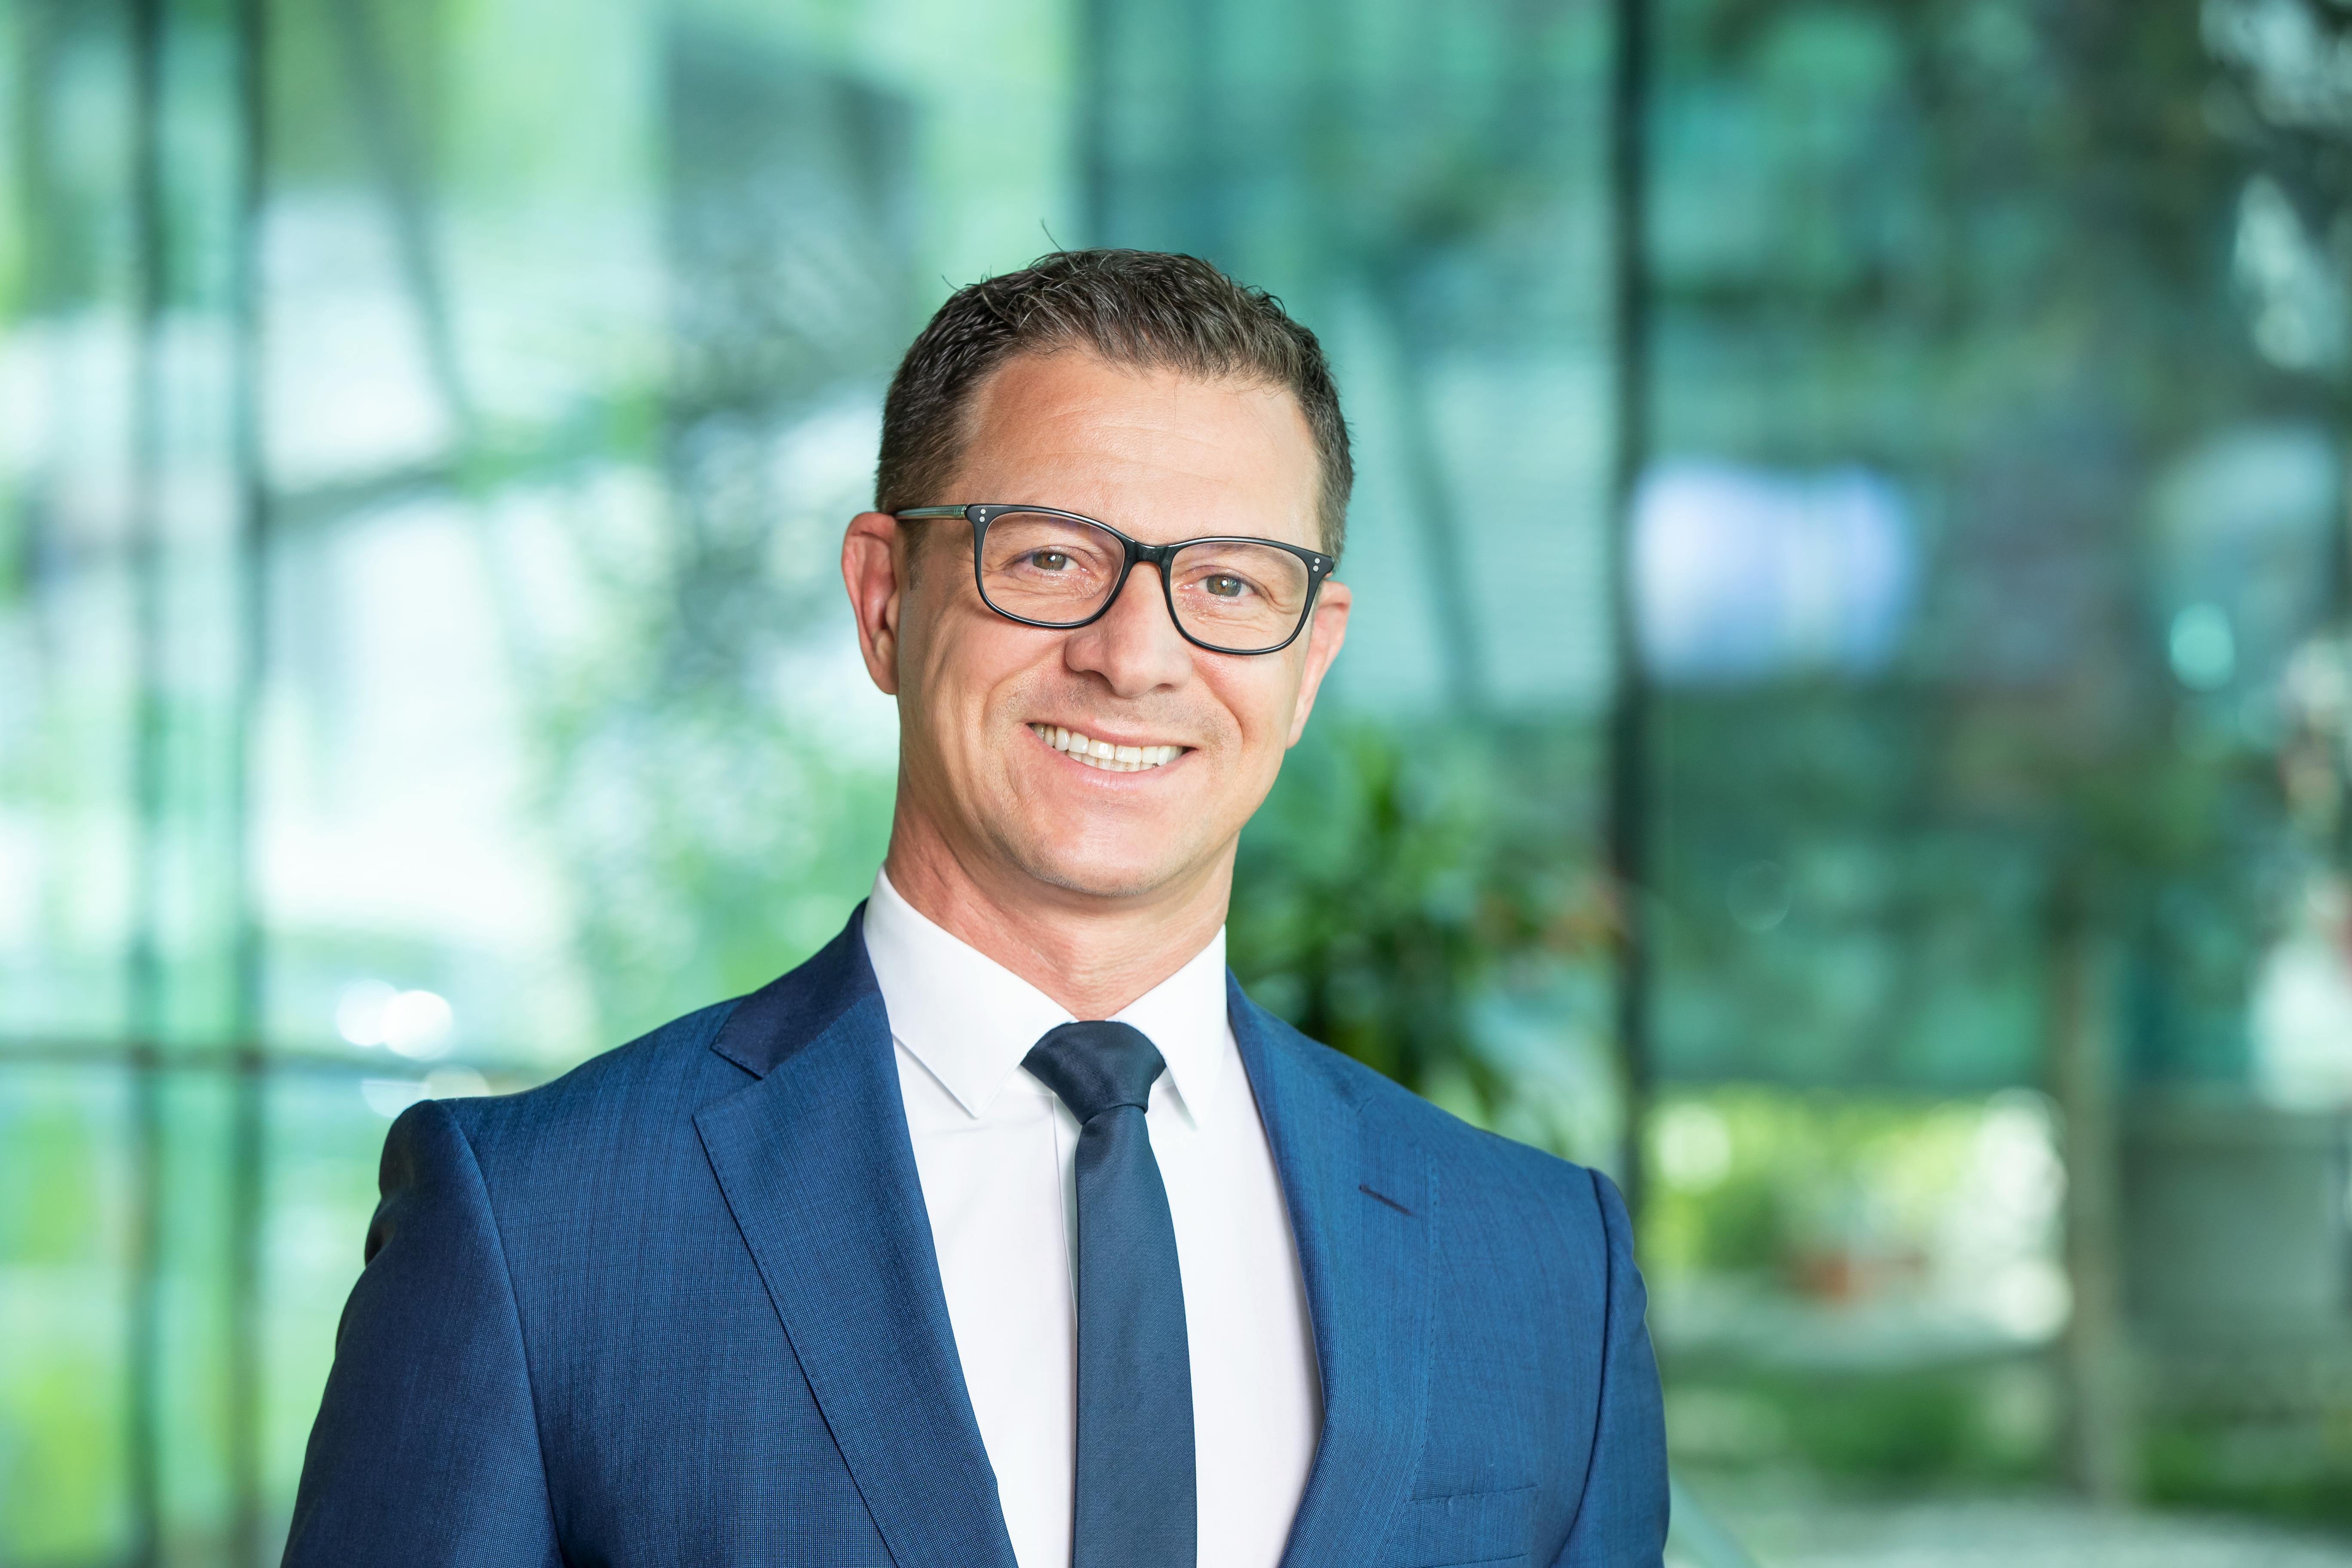 """""""Der Finanzberater der neuen Generation ist nur erfolgreich, wenn er als Finanzcoach den Kunden bei allen finanziellen Angelegenheiten begleitet"""", sagt Manuel Tauchner."""